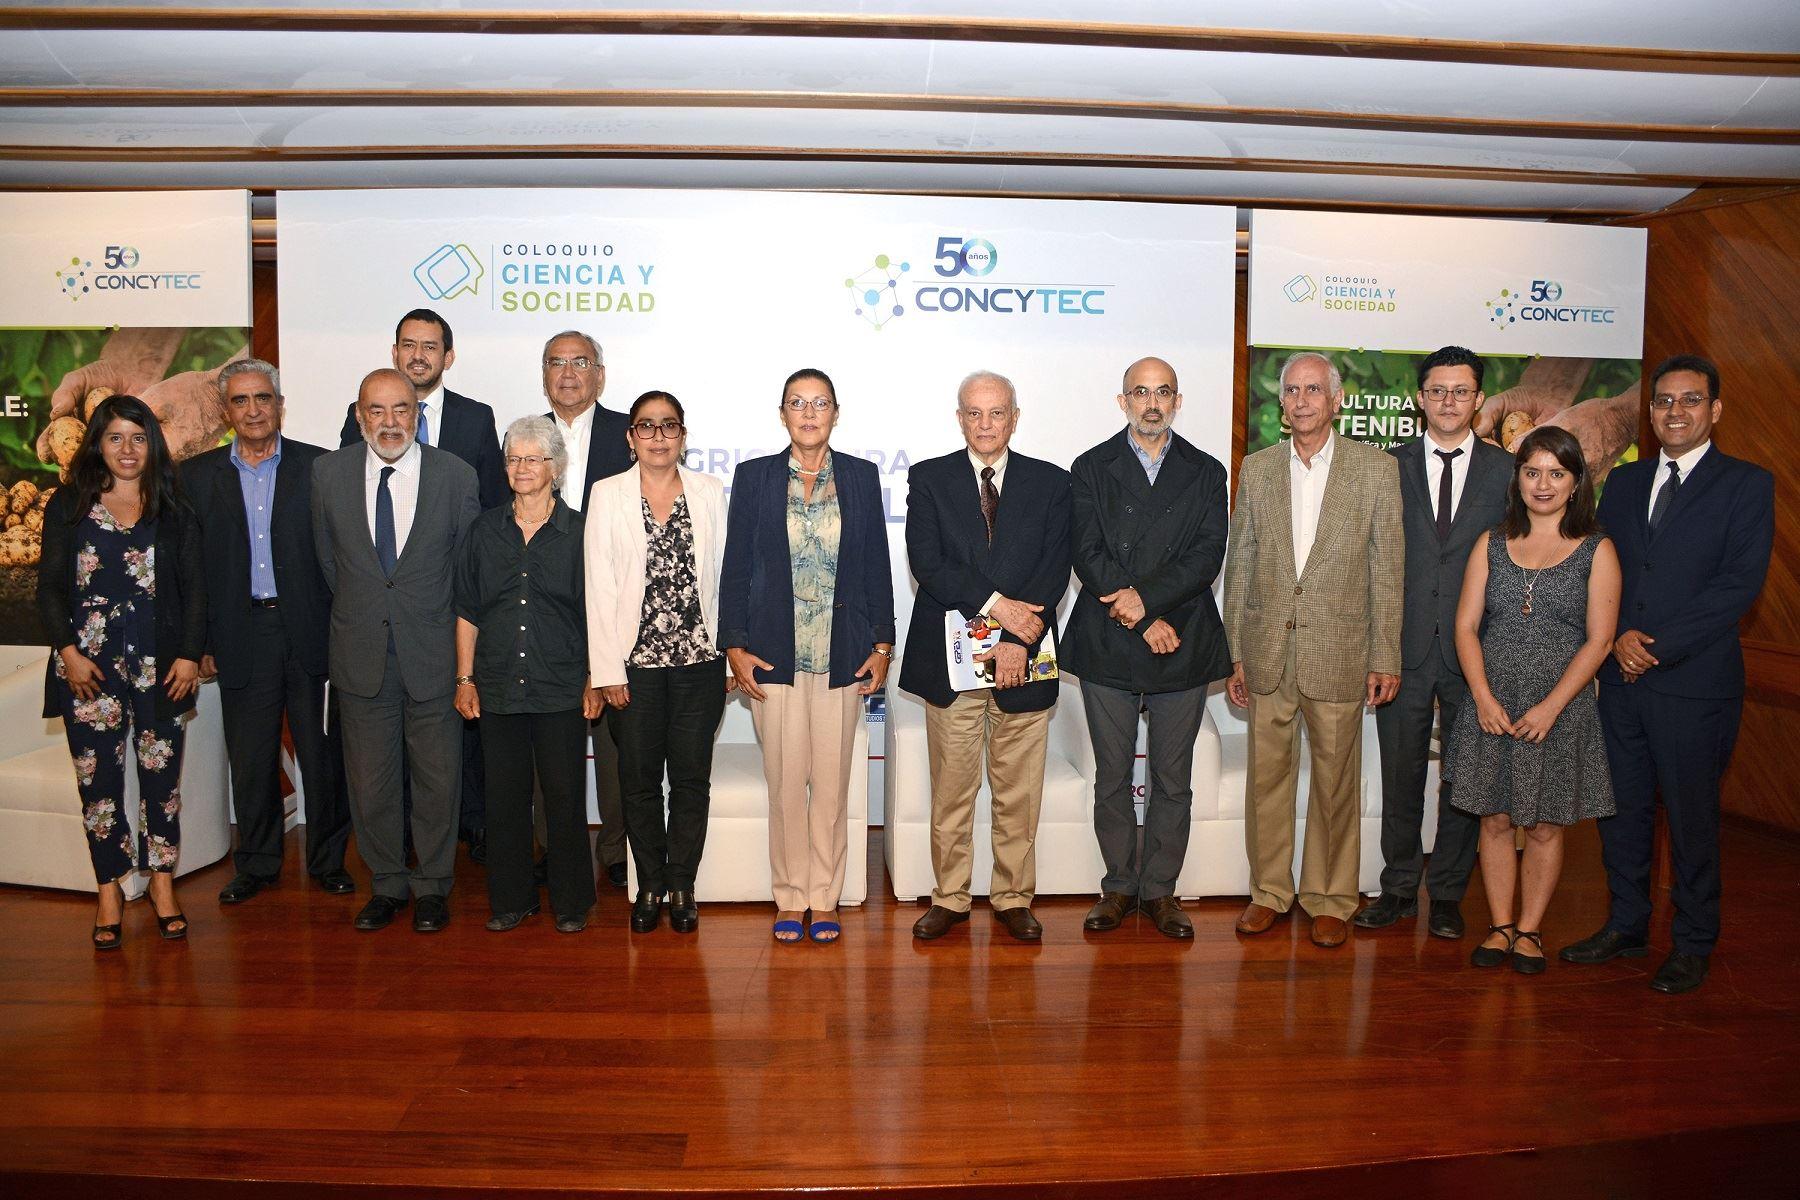 """Presidenta de Concytec, Fabiola León Velarde en coloquio """"Ciencia y Sociedad : Agricultura Sostenible"""" Foto: Difusión"""